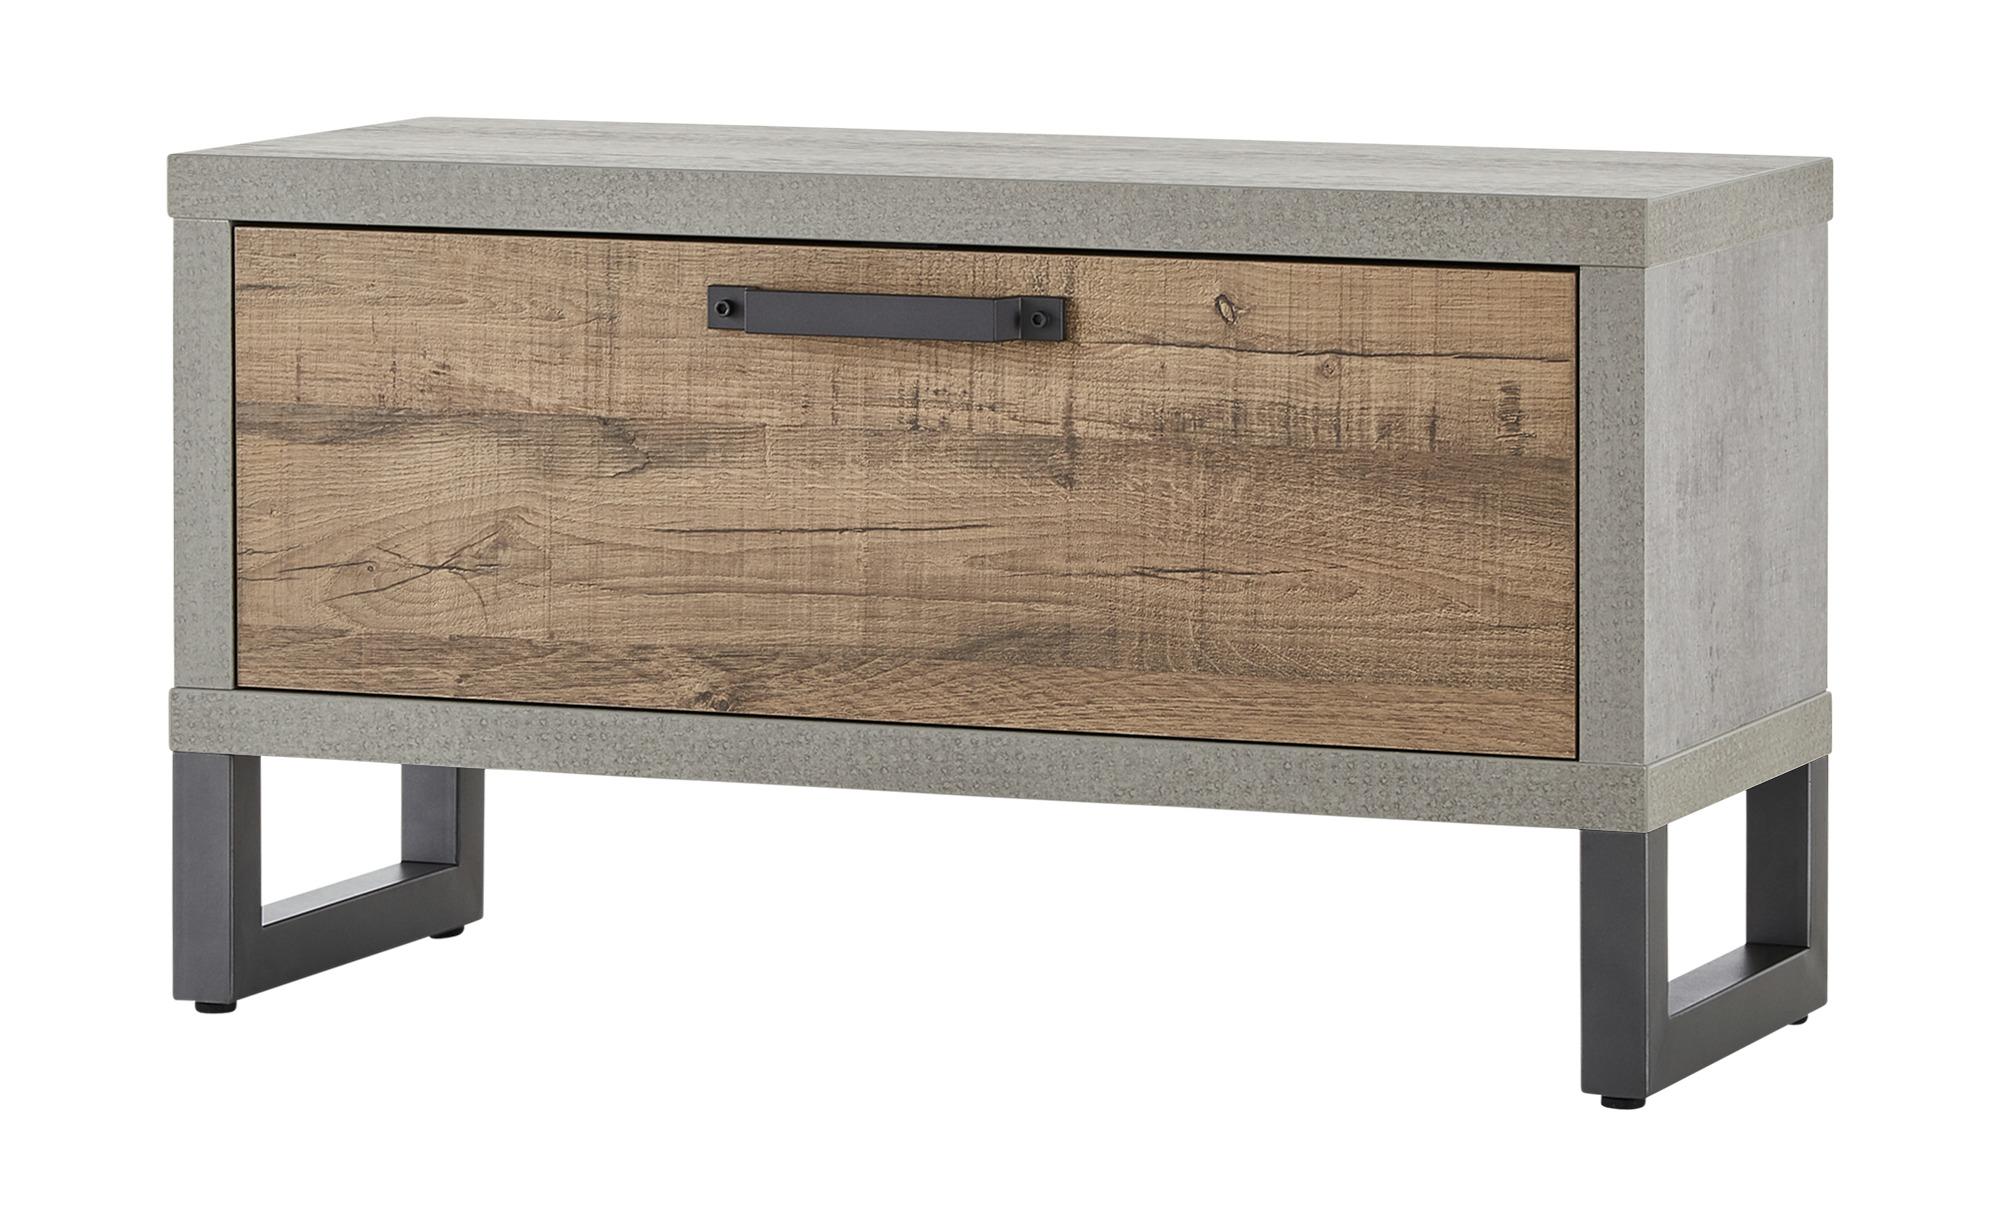 Garderobenbank - holzfarben - 90 cm - 50 cm - 35 cm - Bänke > Einzelbänke - Möbel Kraft | Flur & Diele > Garderoben > Garderobenbänke | Möbel Kraft